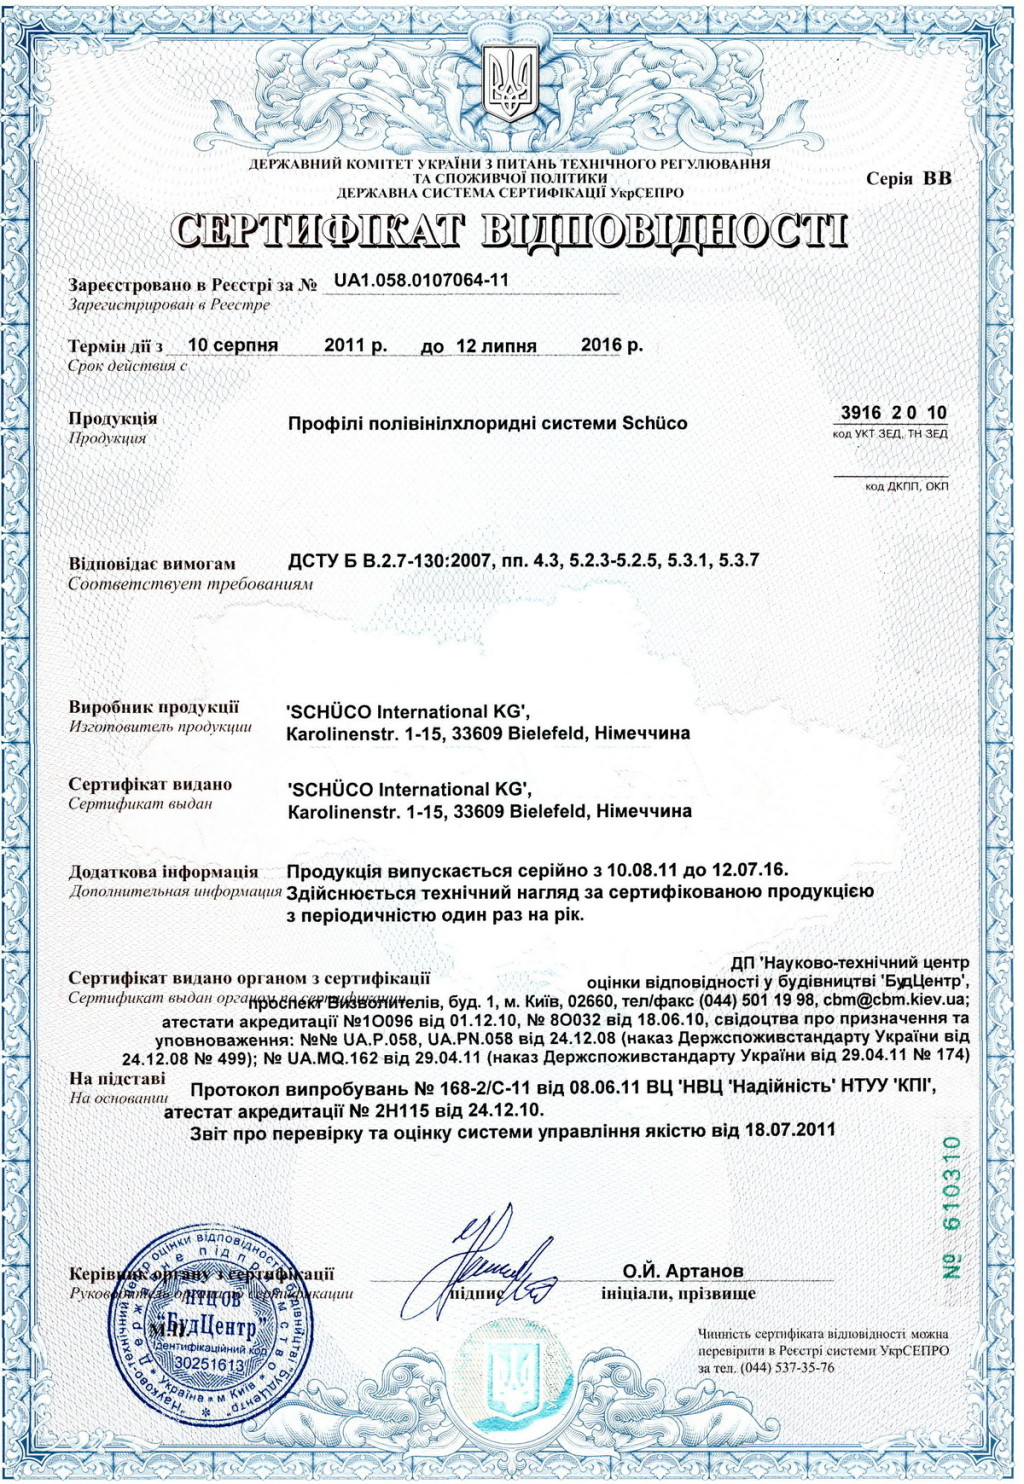 Сертификат соответствия на профиль SHUKO